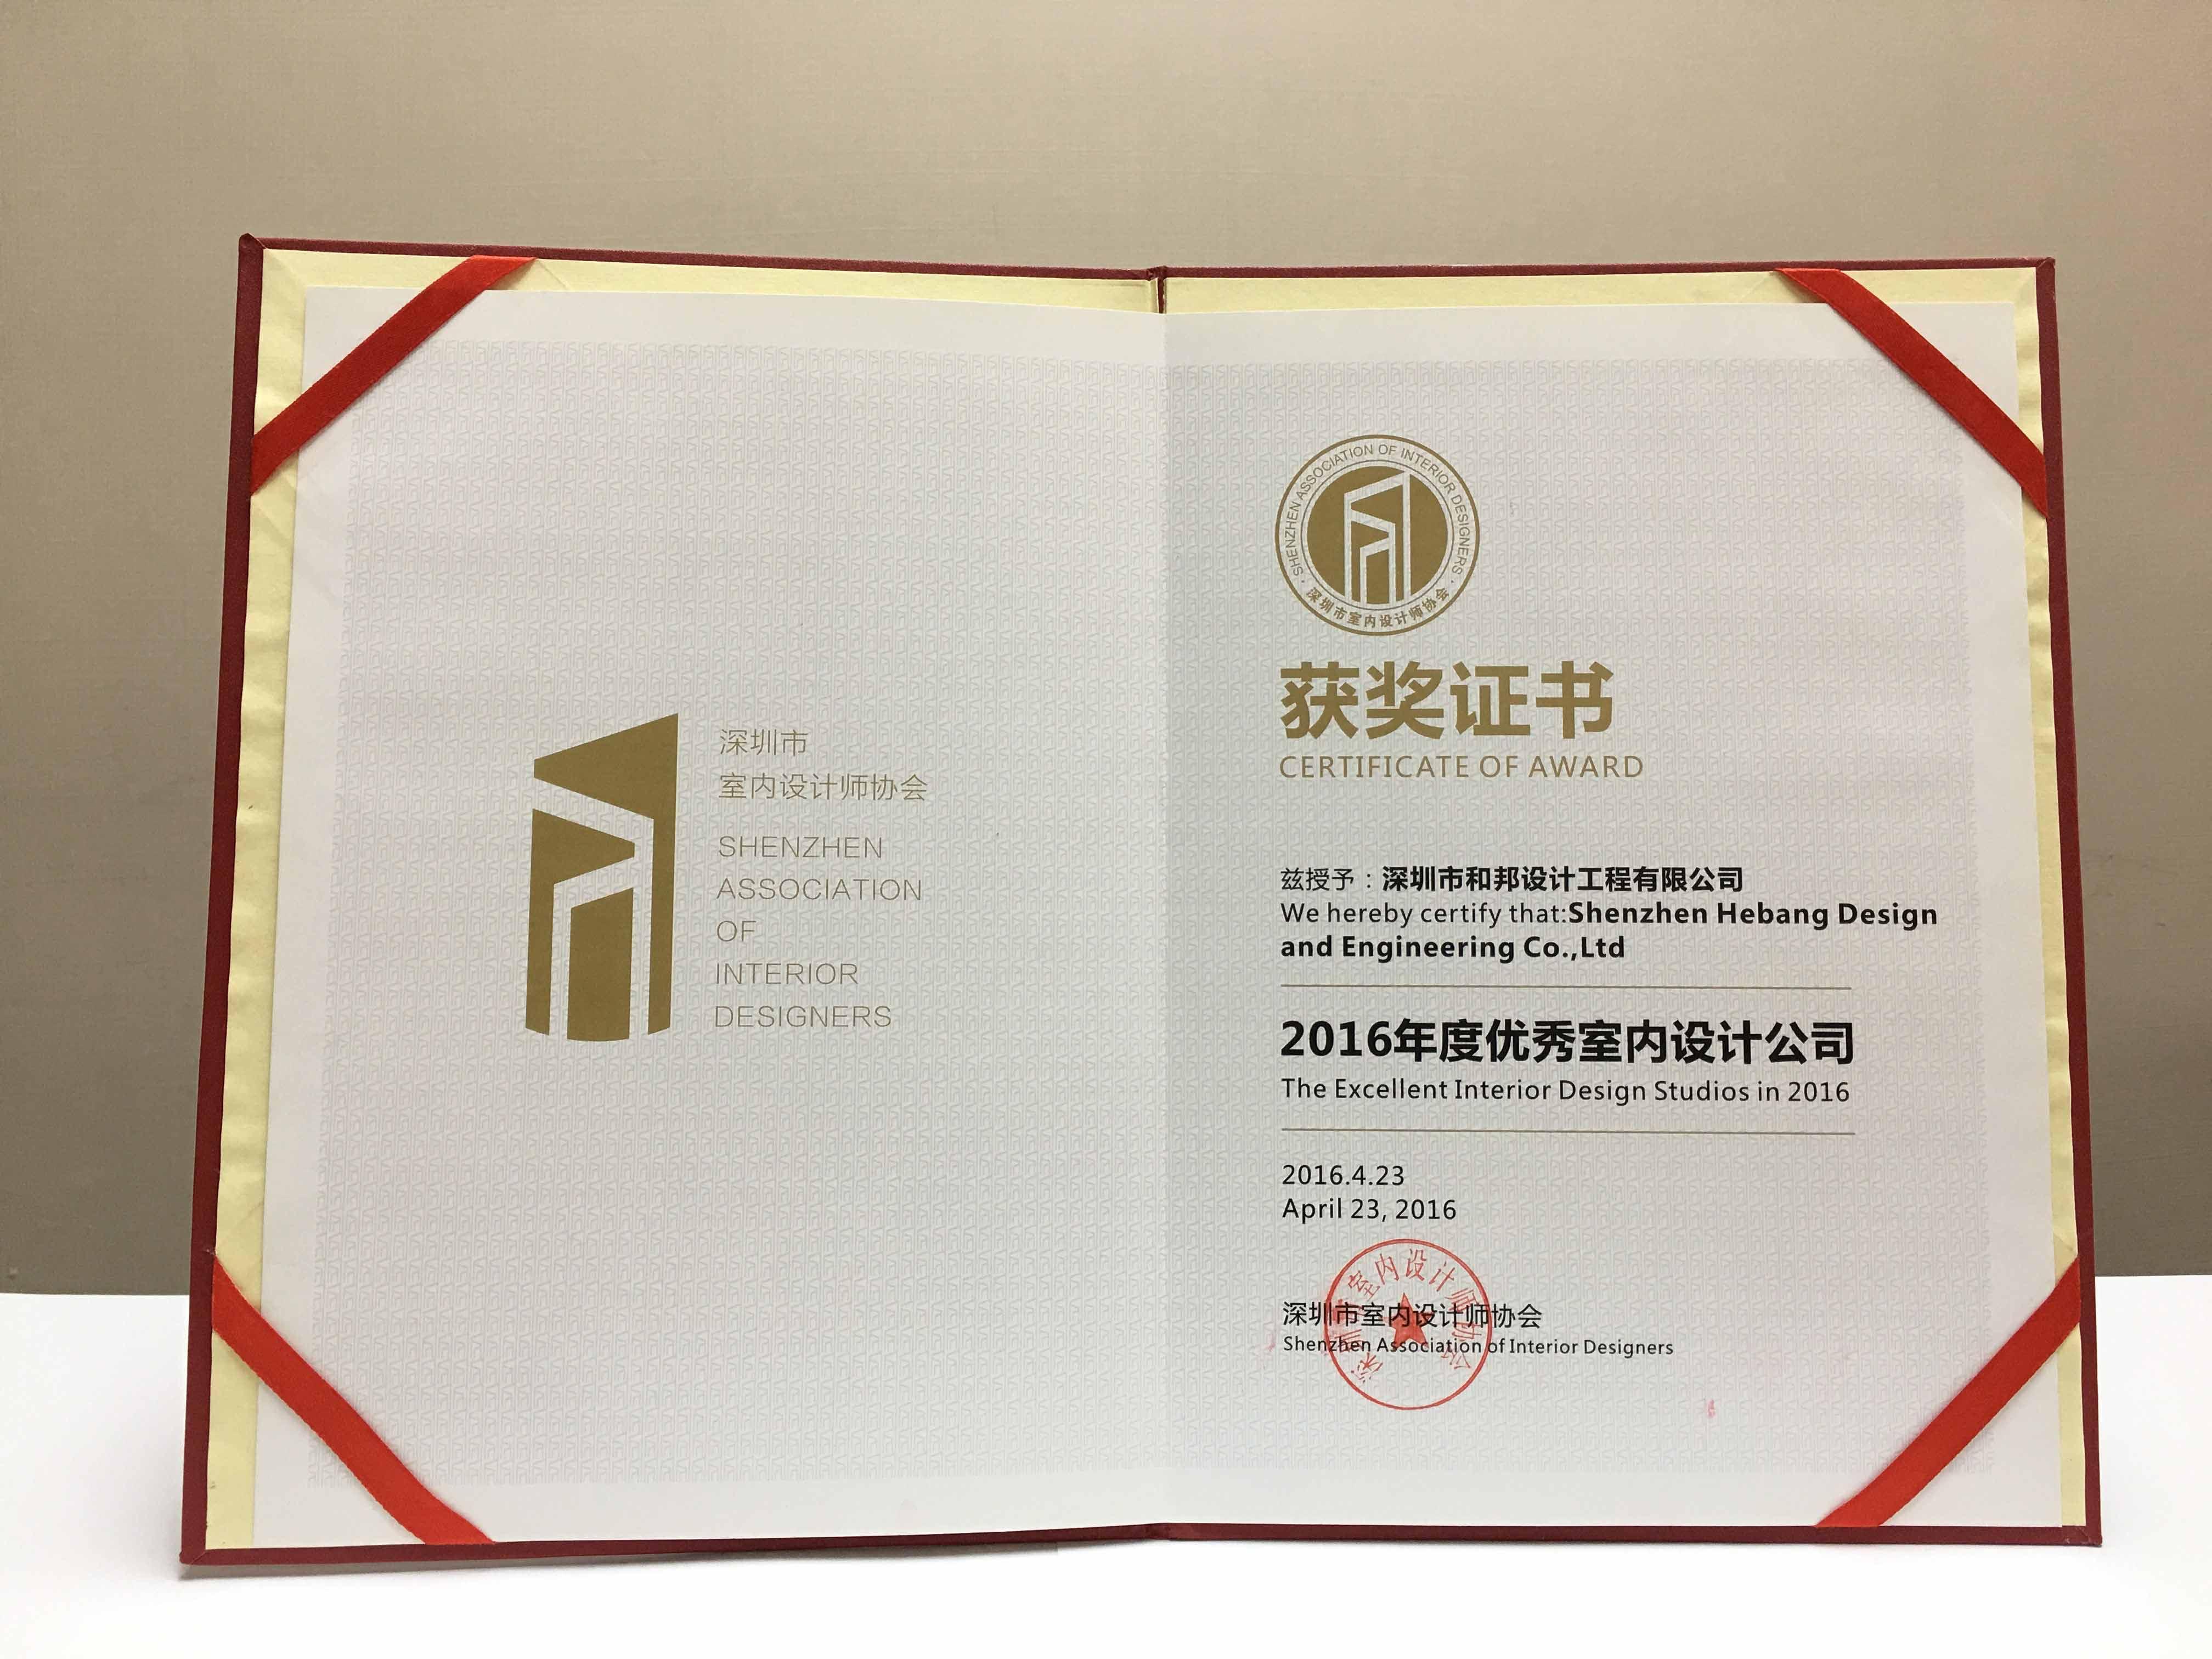 2016年度优秀室内设计公司获奖证书